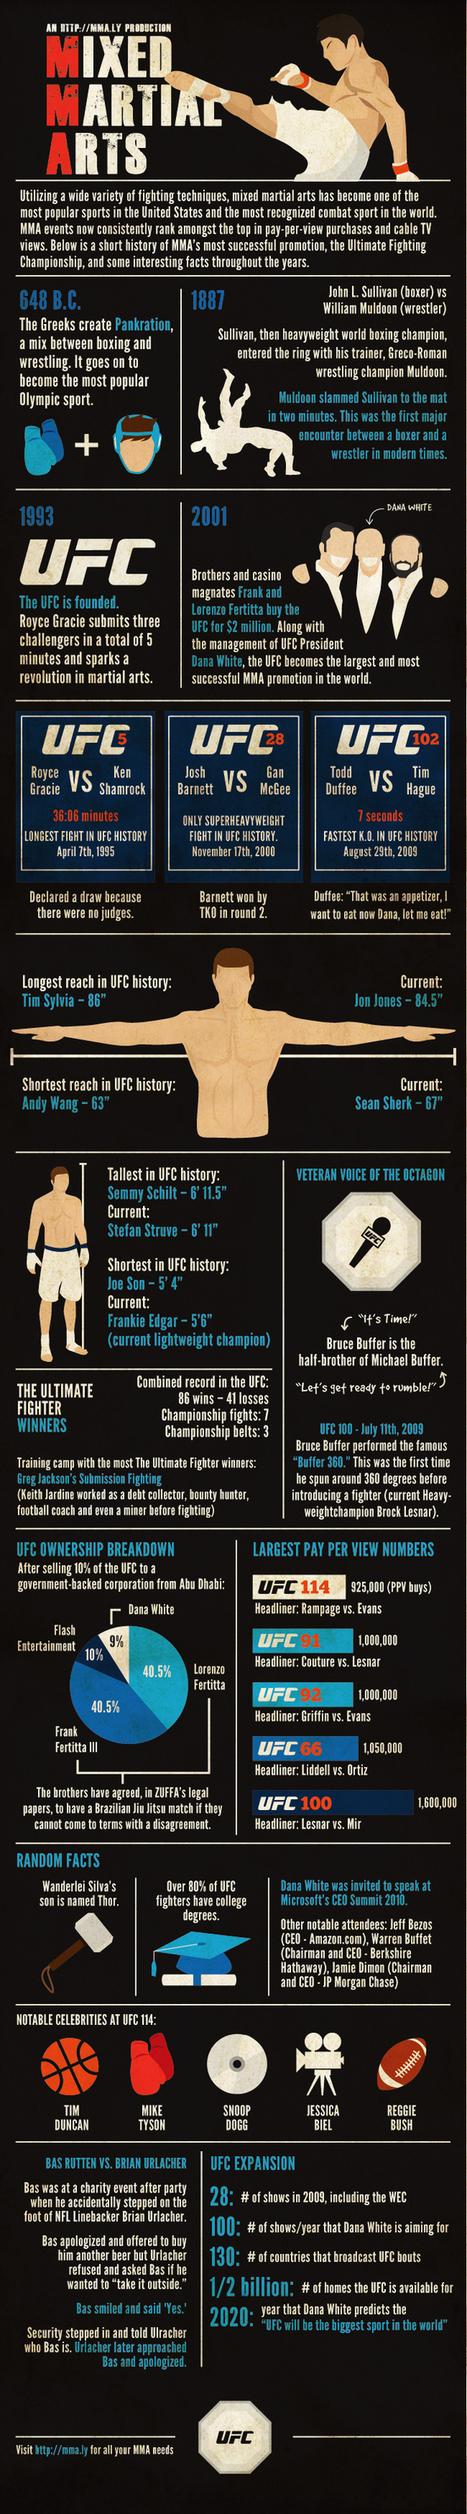 12 Best Martial Arts Marketing Ideas | Top of Mind Awareness | Scoop.it